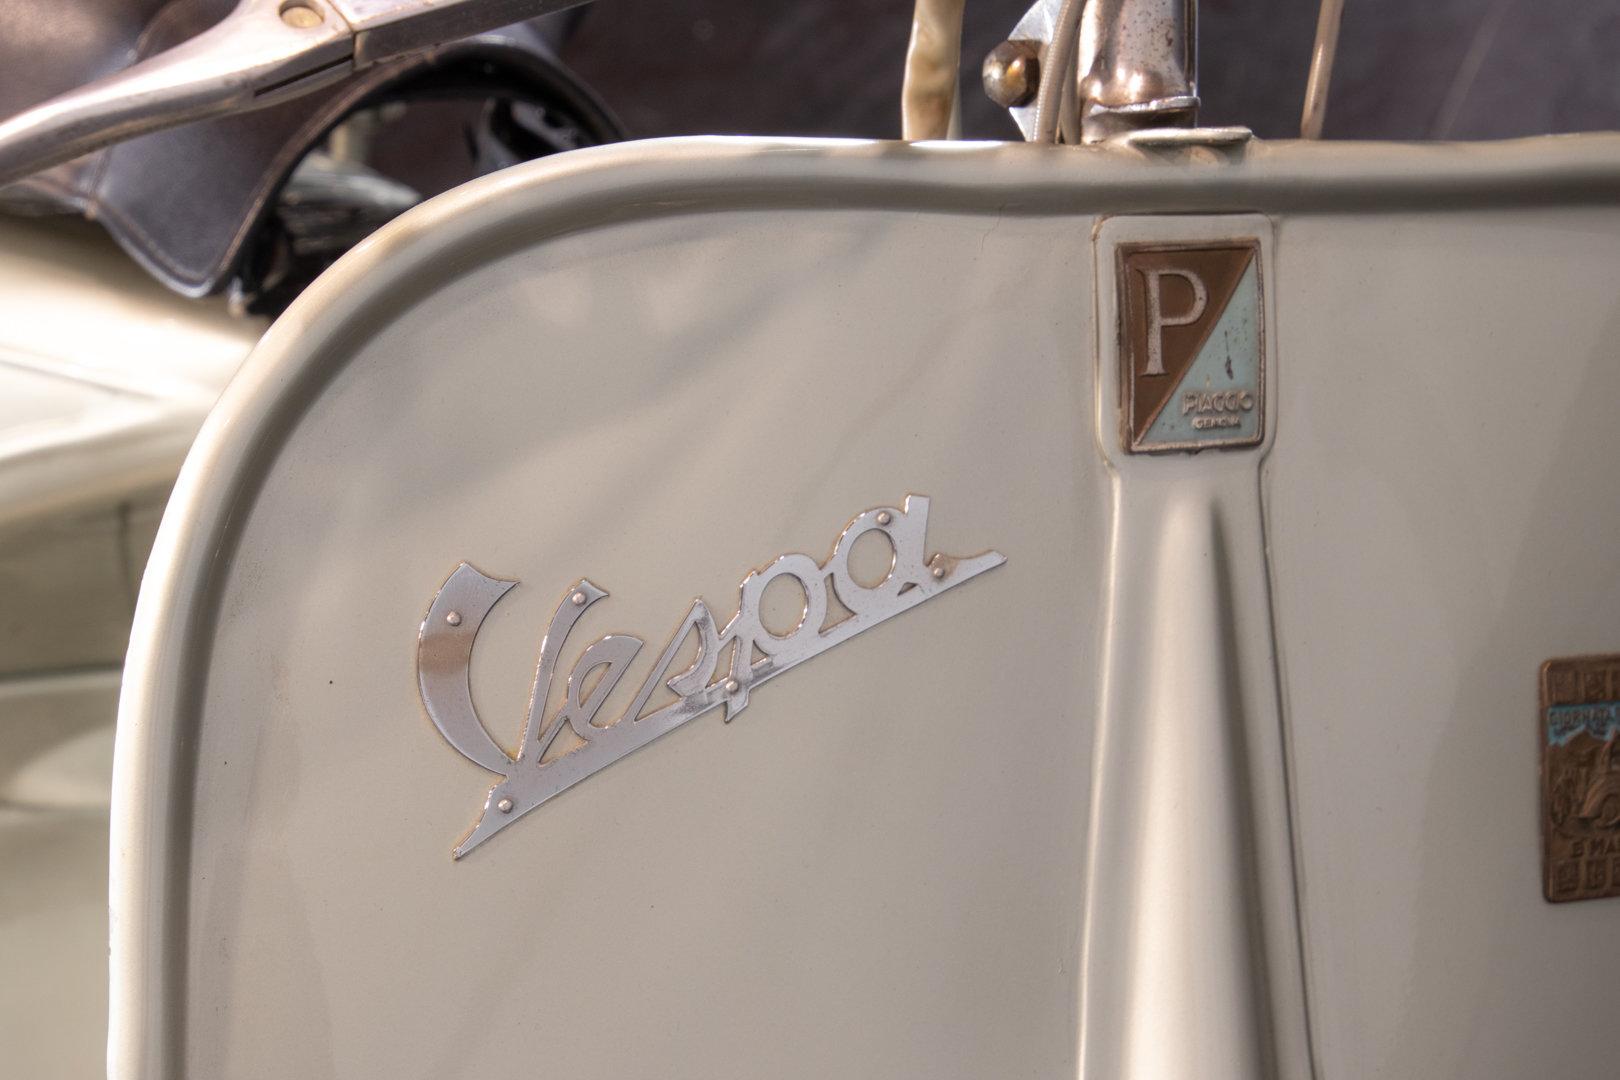 PIAGGIO - VESPA 98 - 1950 For Sale (picture 6 of 6)